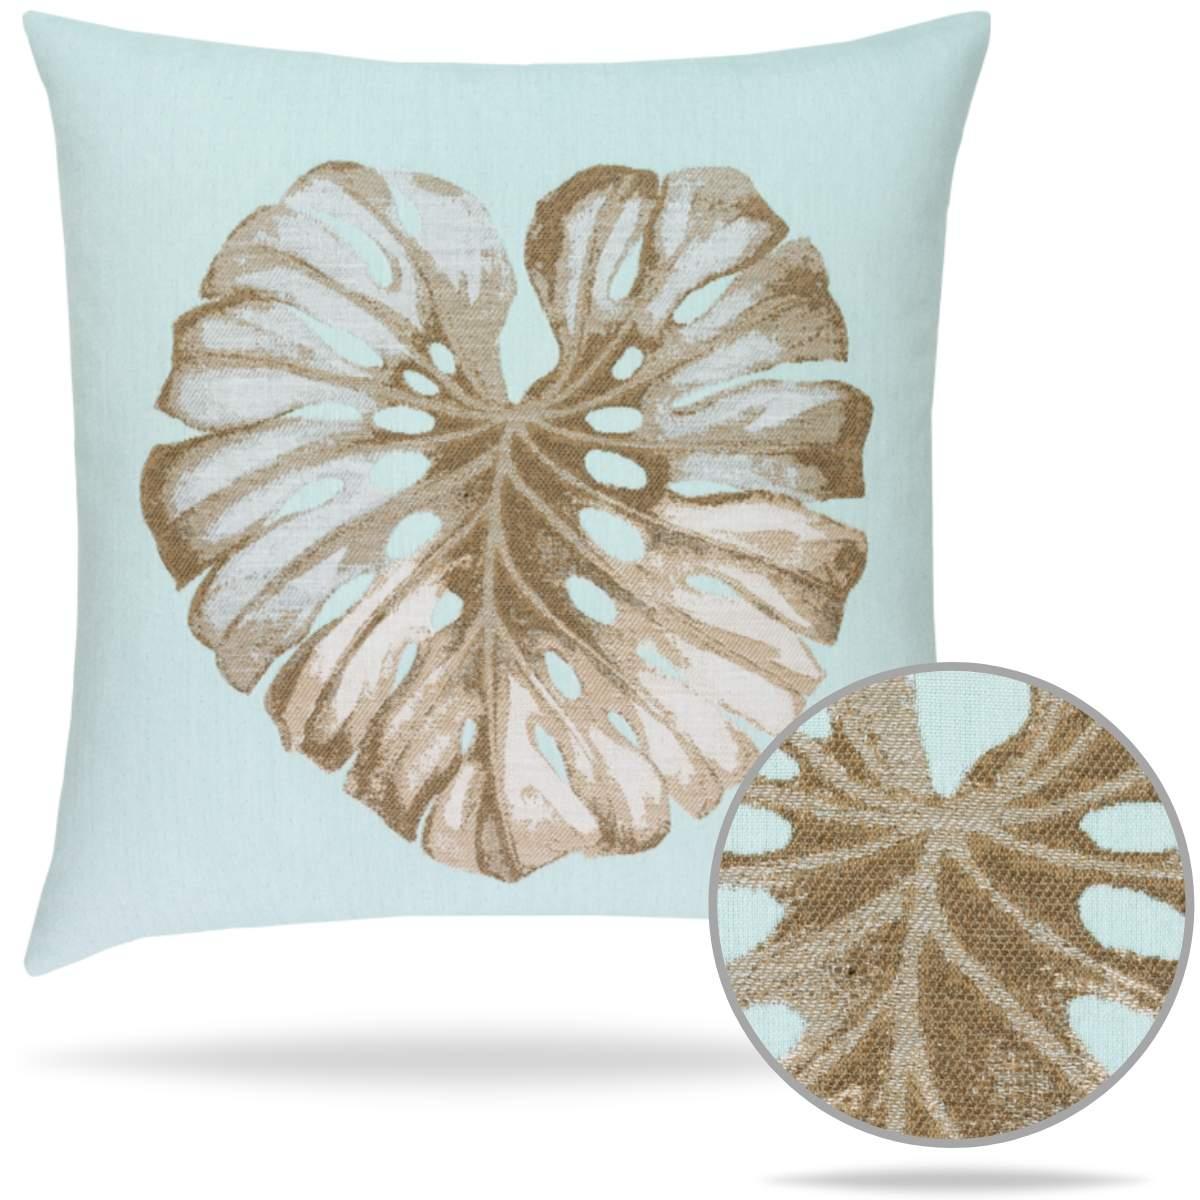 17h1-glacier-leaf-pillow-elaine-smith